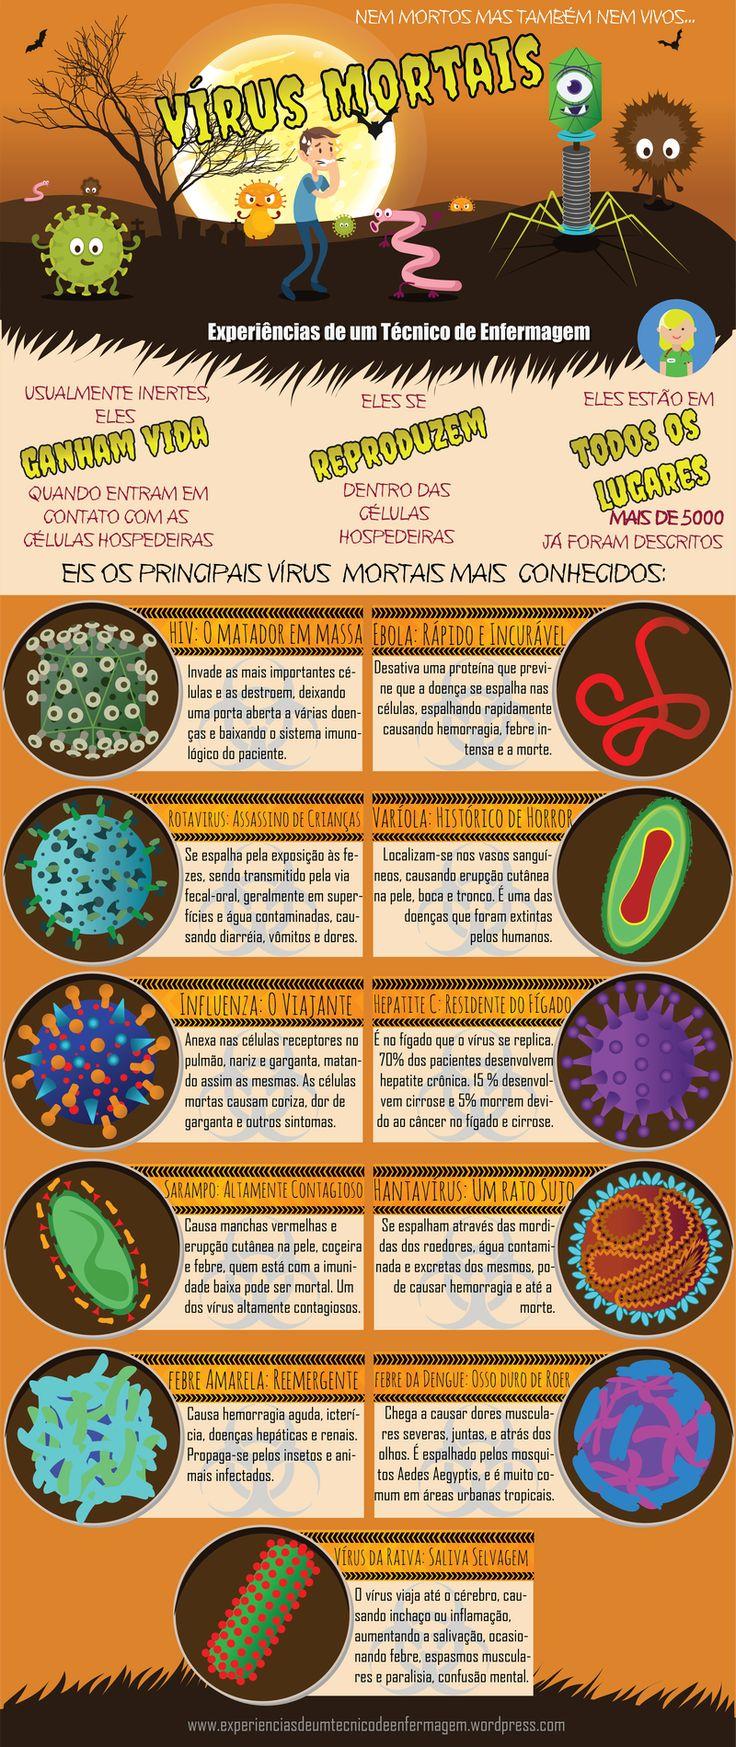 Os Vírus Mortais do Planeta: Conheça um pouco sobre cada uma delas – Experiências de um técnico de enfermagem